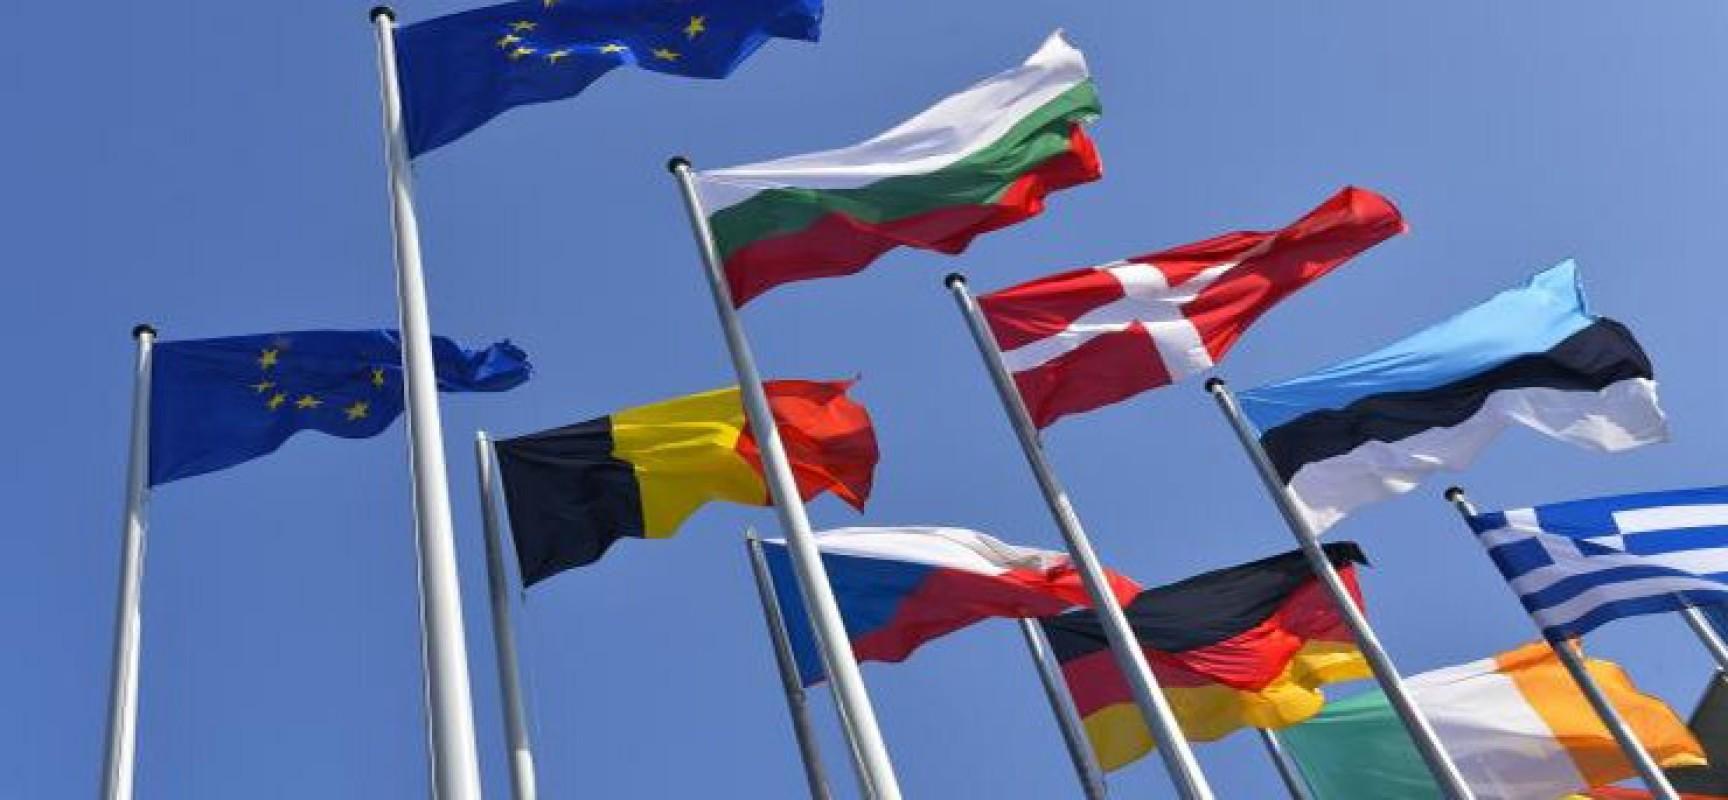 L'UE fait résonner les tambours de guerre: est-ce véritablement en faveur de la construction d'un monde meilleur